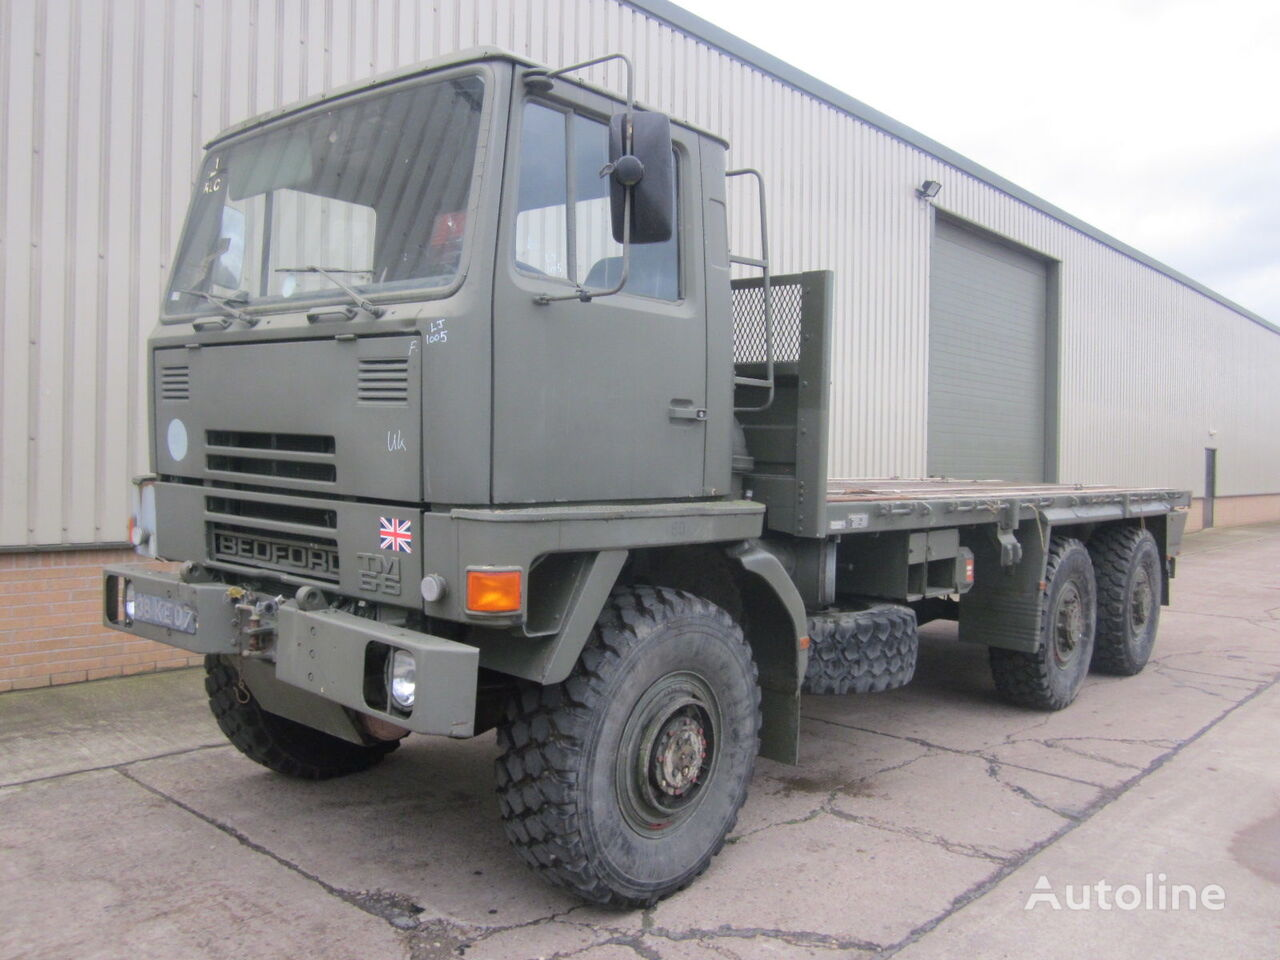 BEDFORD TM 6x6  platform truck